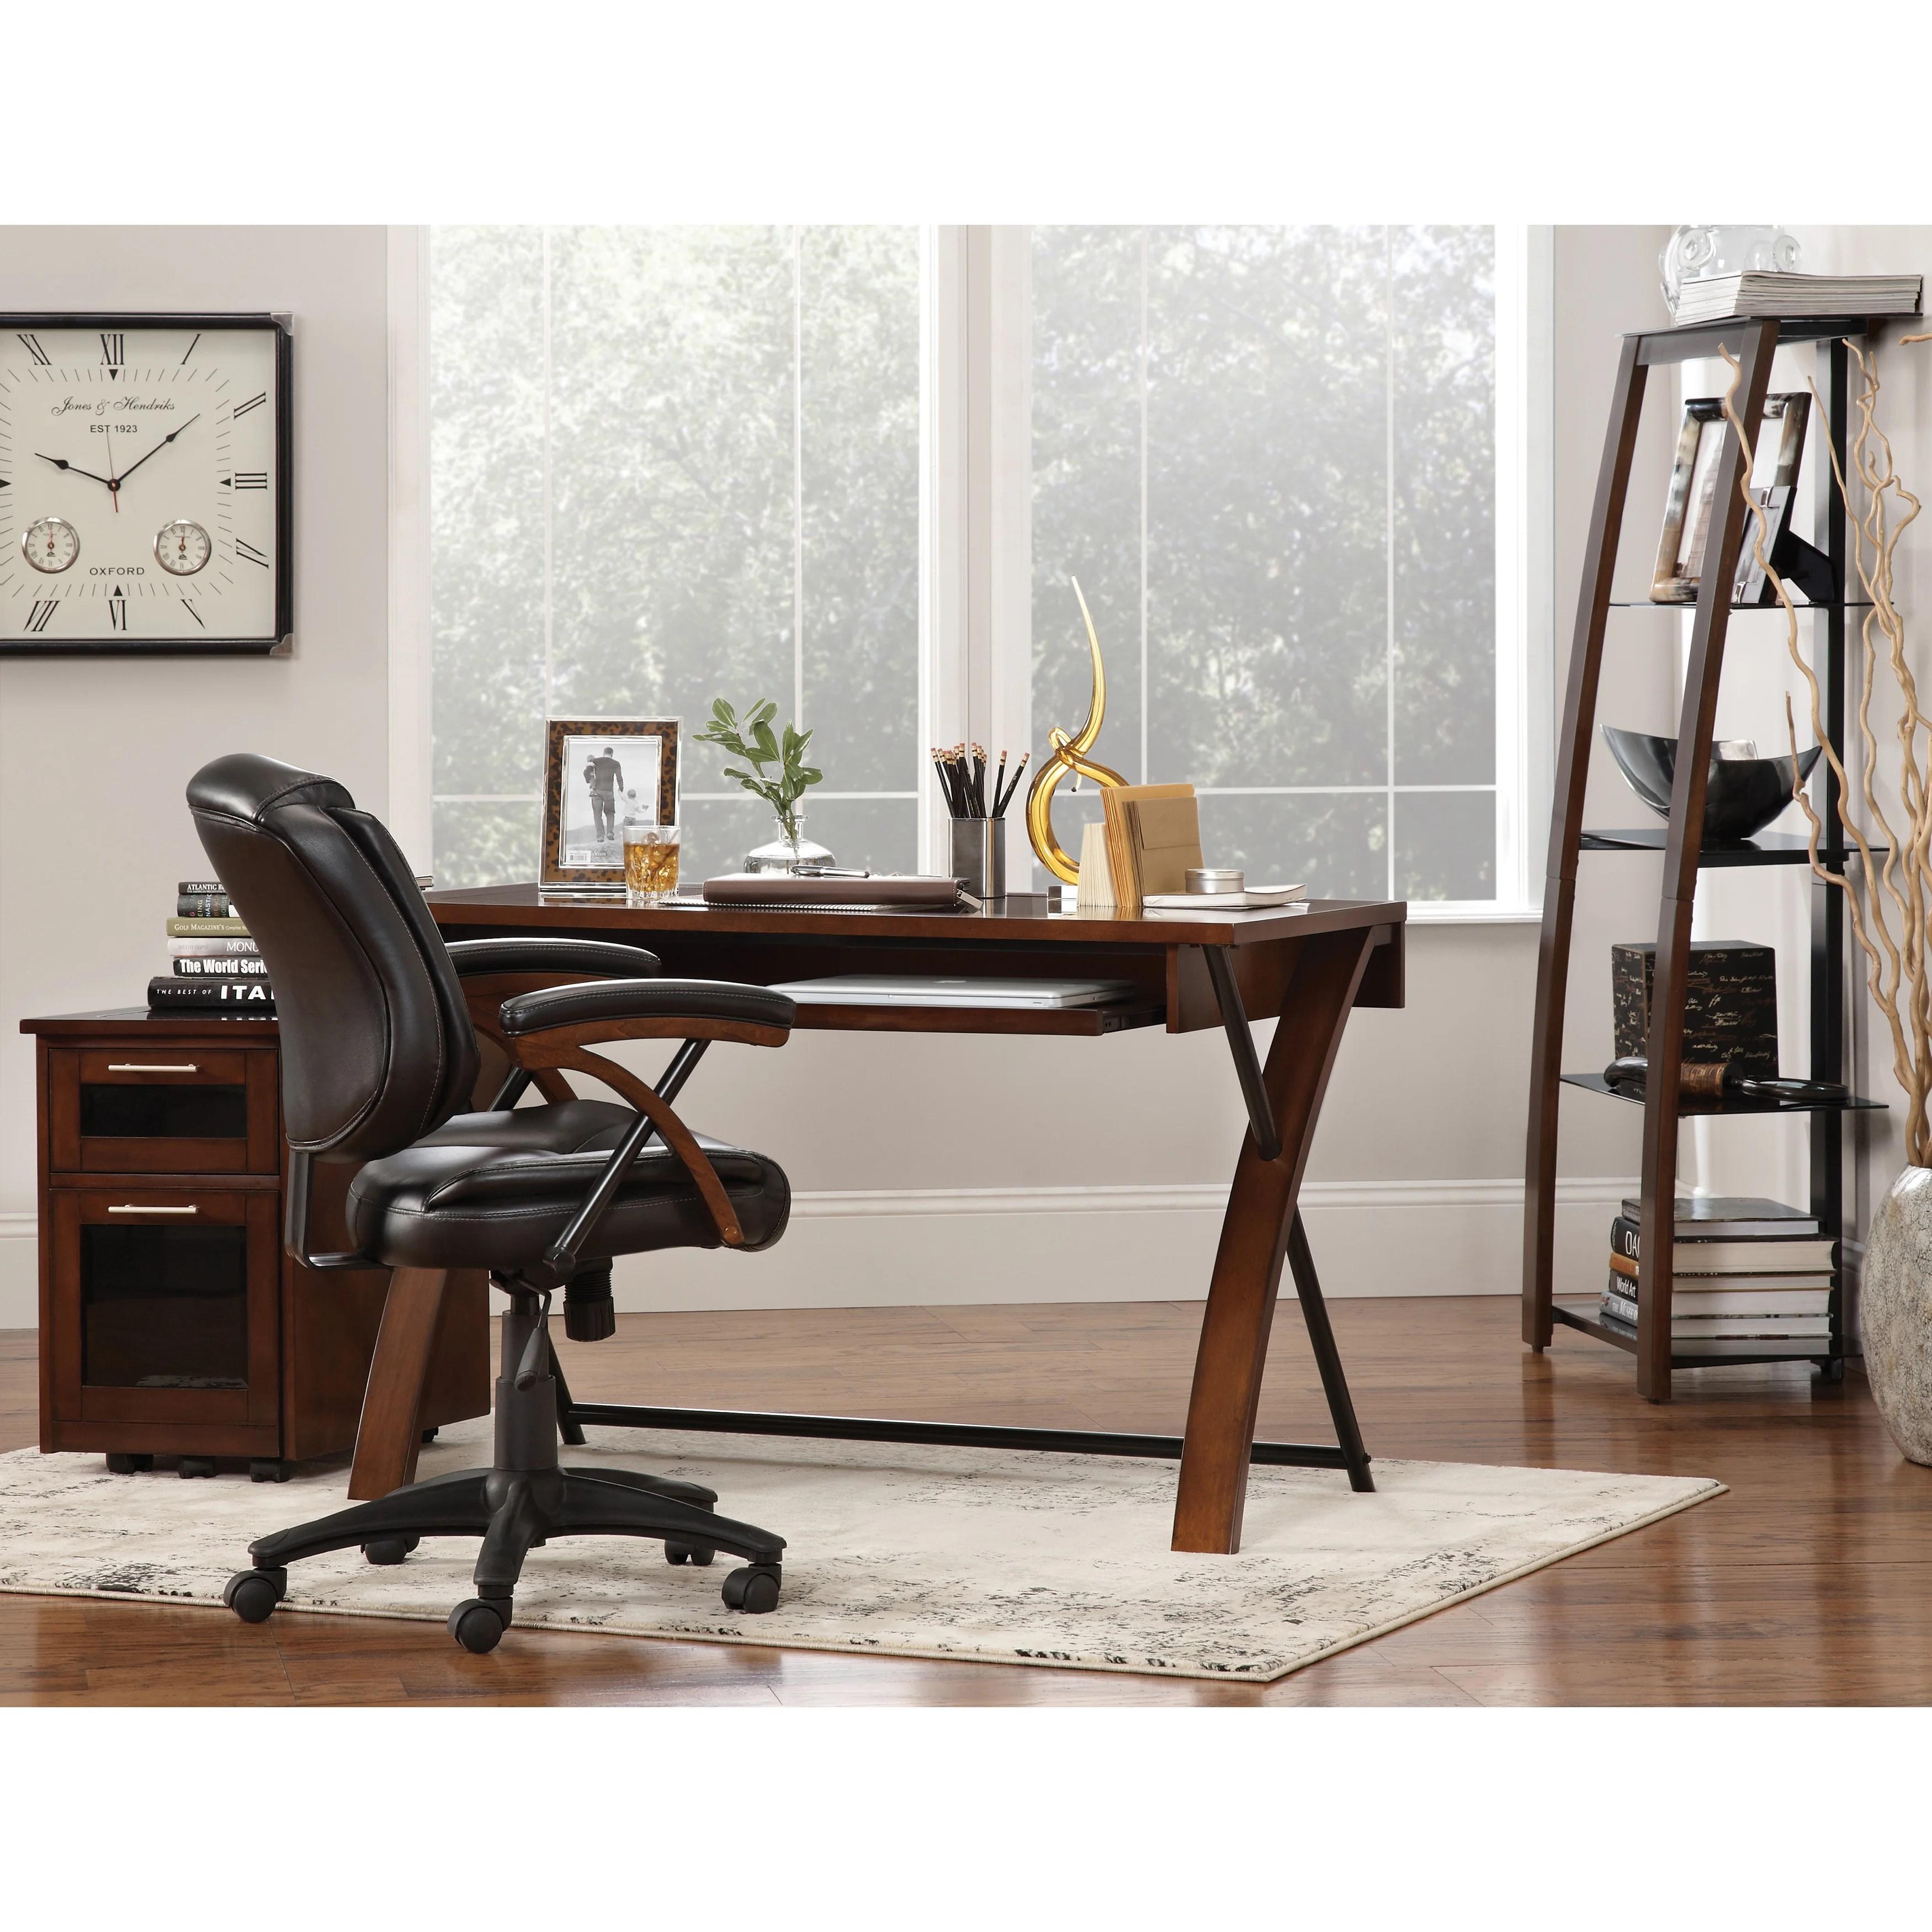 zeta desk chair steel professor shop art van free shipping today overstock com 9947381